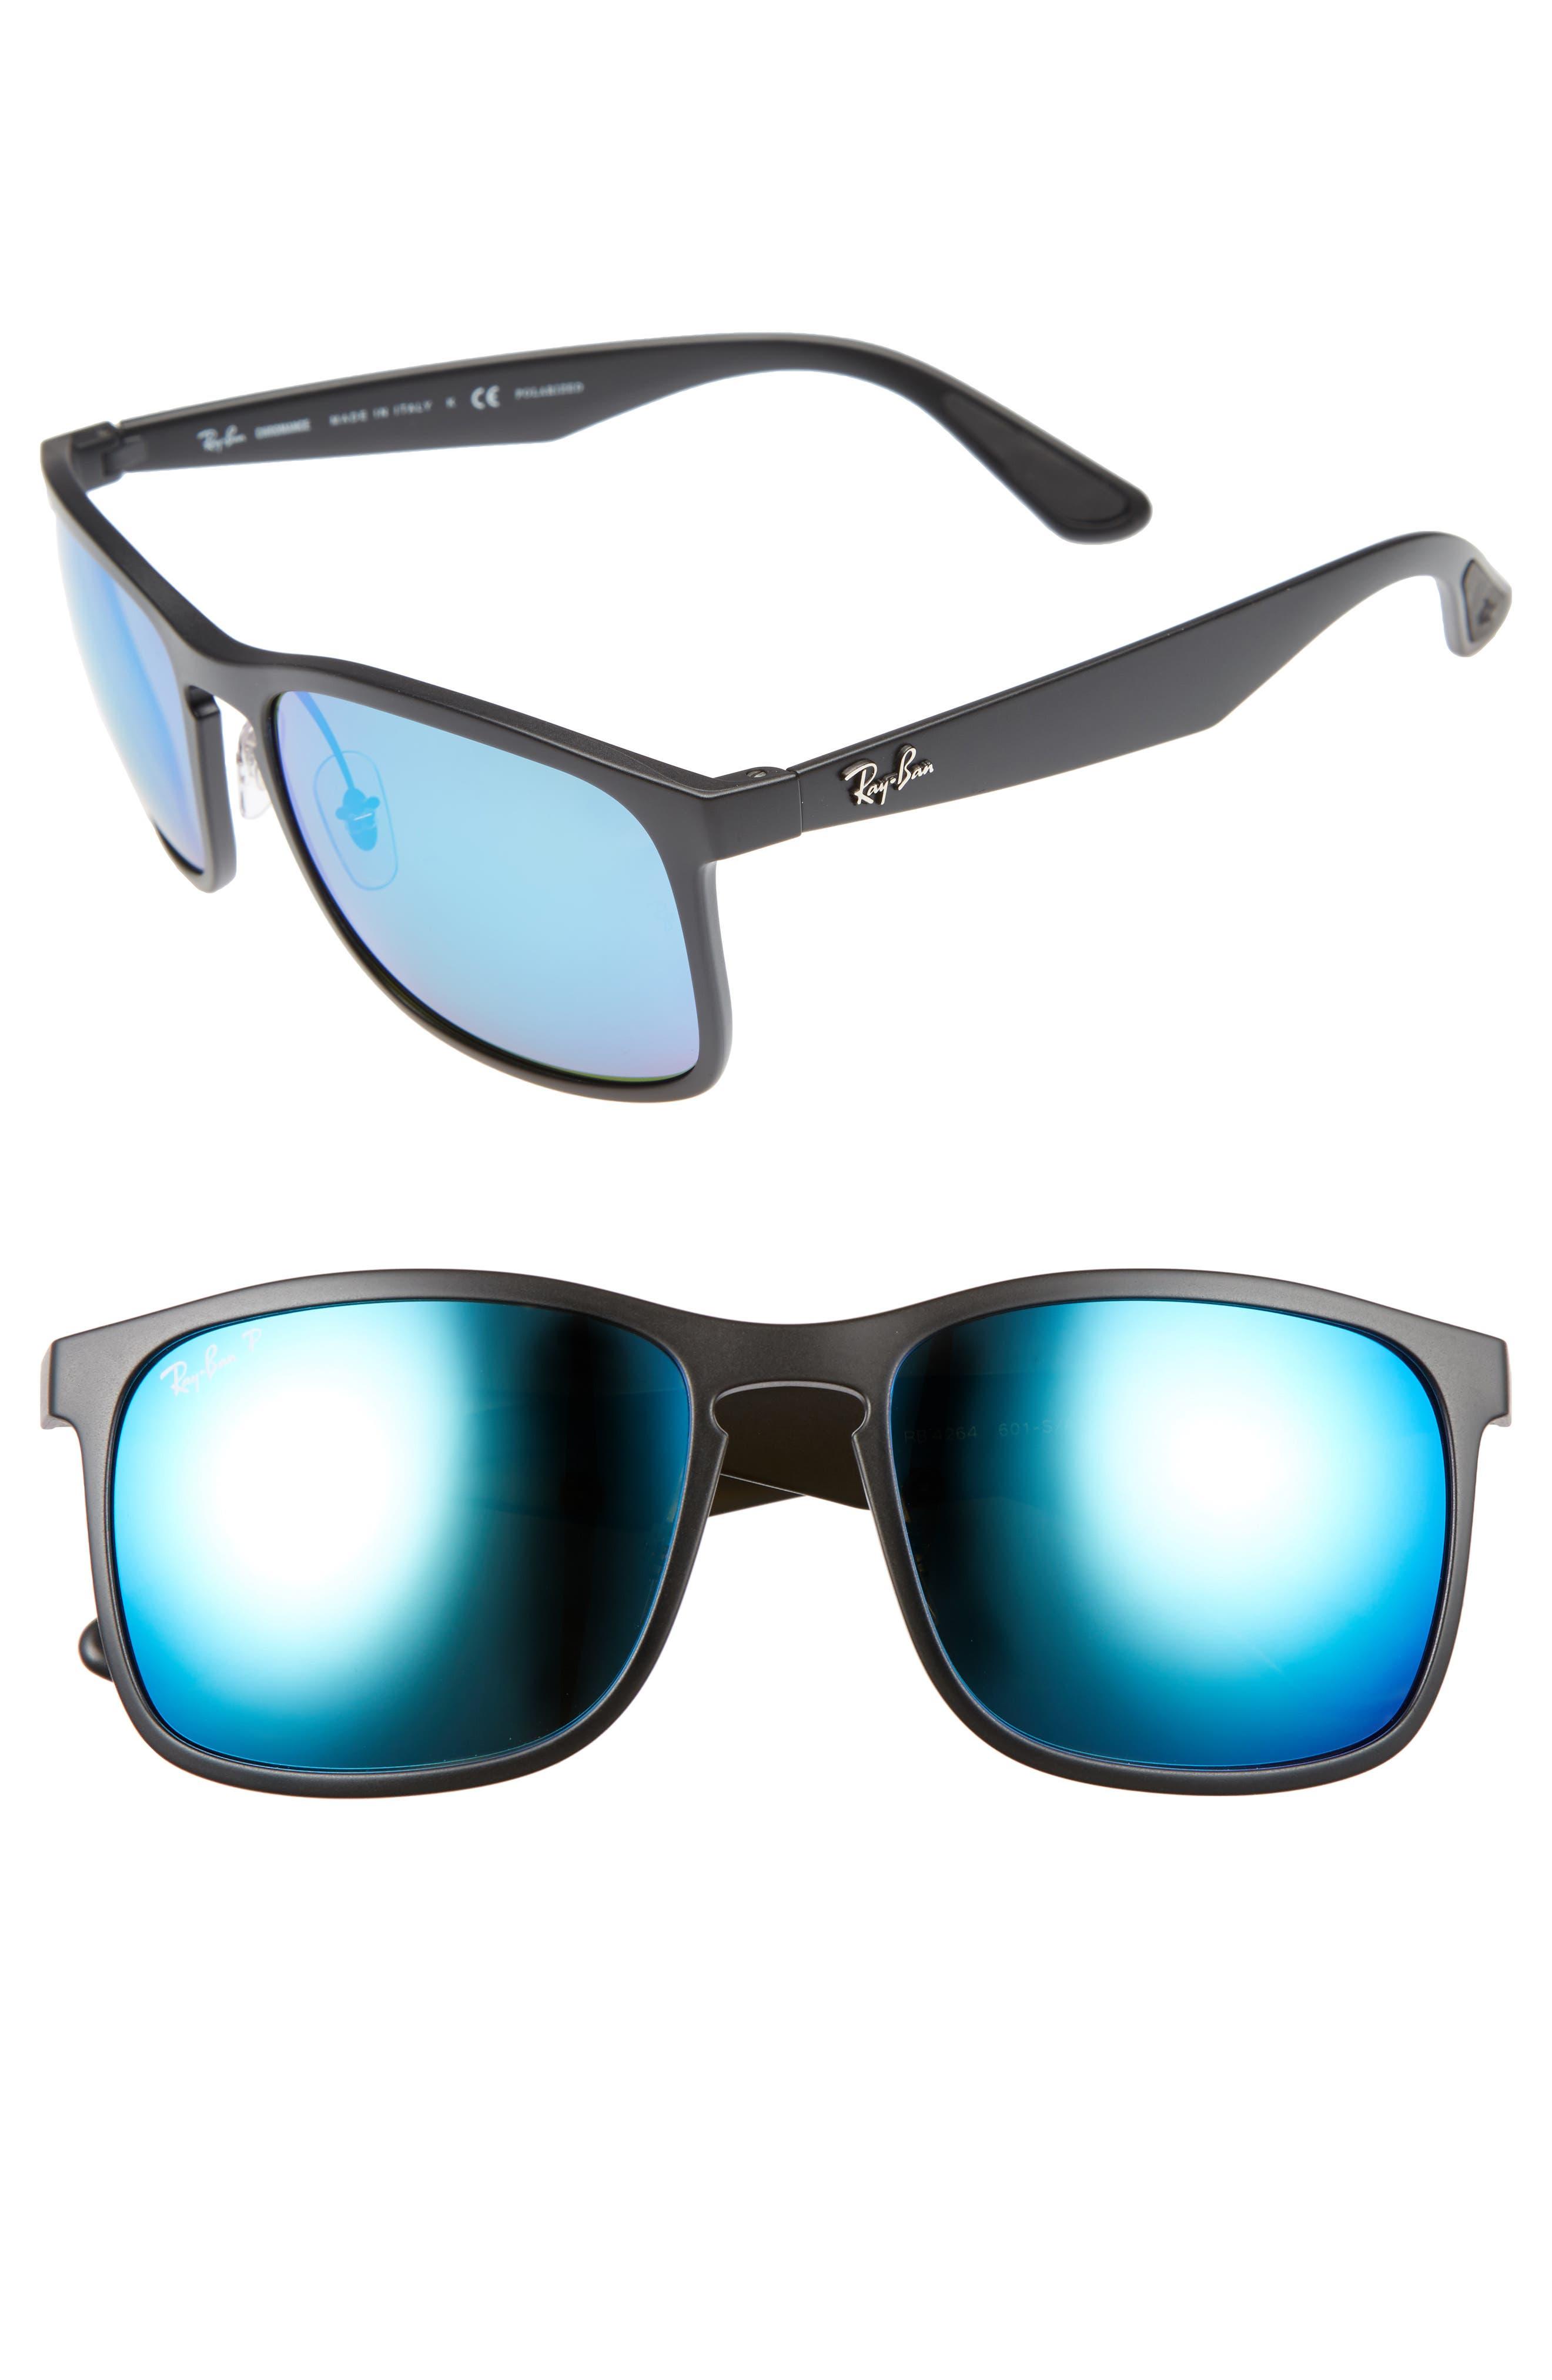 58mm Polarized Sunglasses,                             Alternate thumbnail 2, color,                             MATTE BLACK/BLUE FLASH